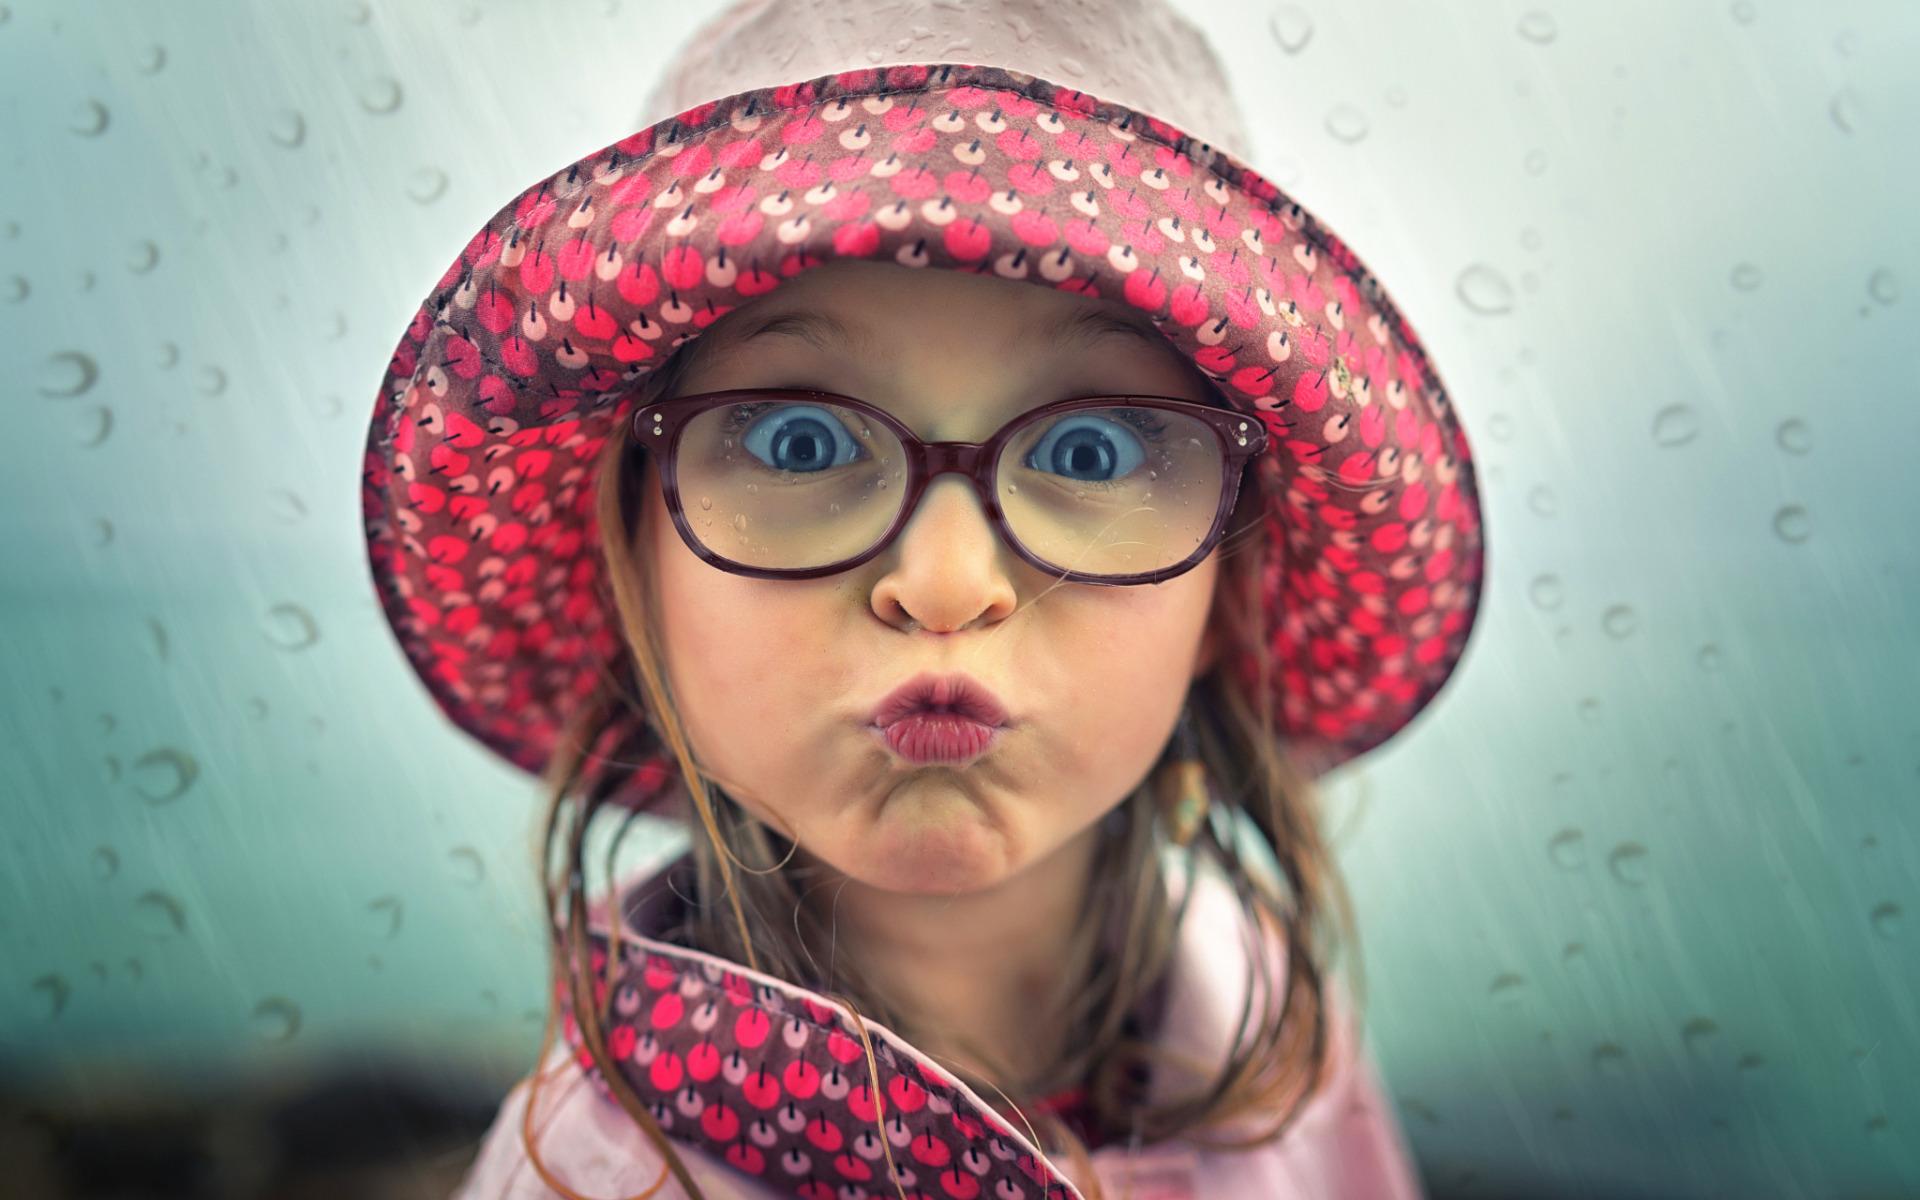 Смешную картинку маленькой девочки, солнце ладошке